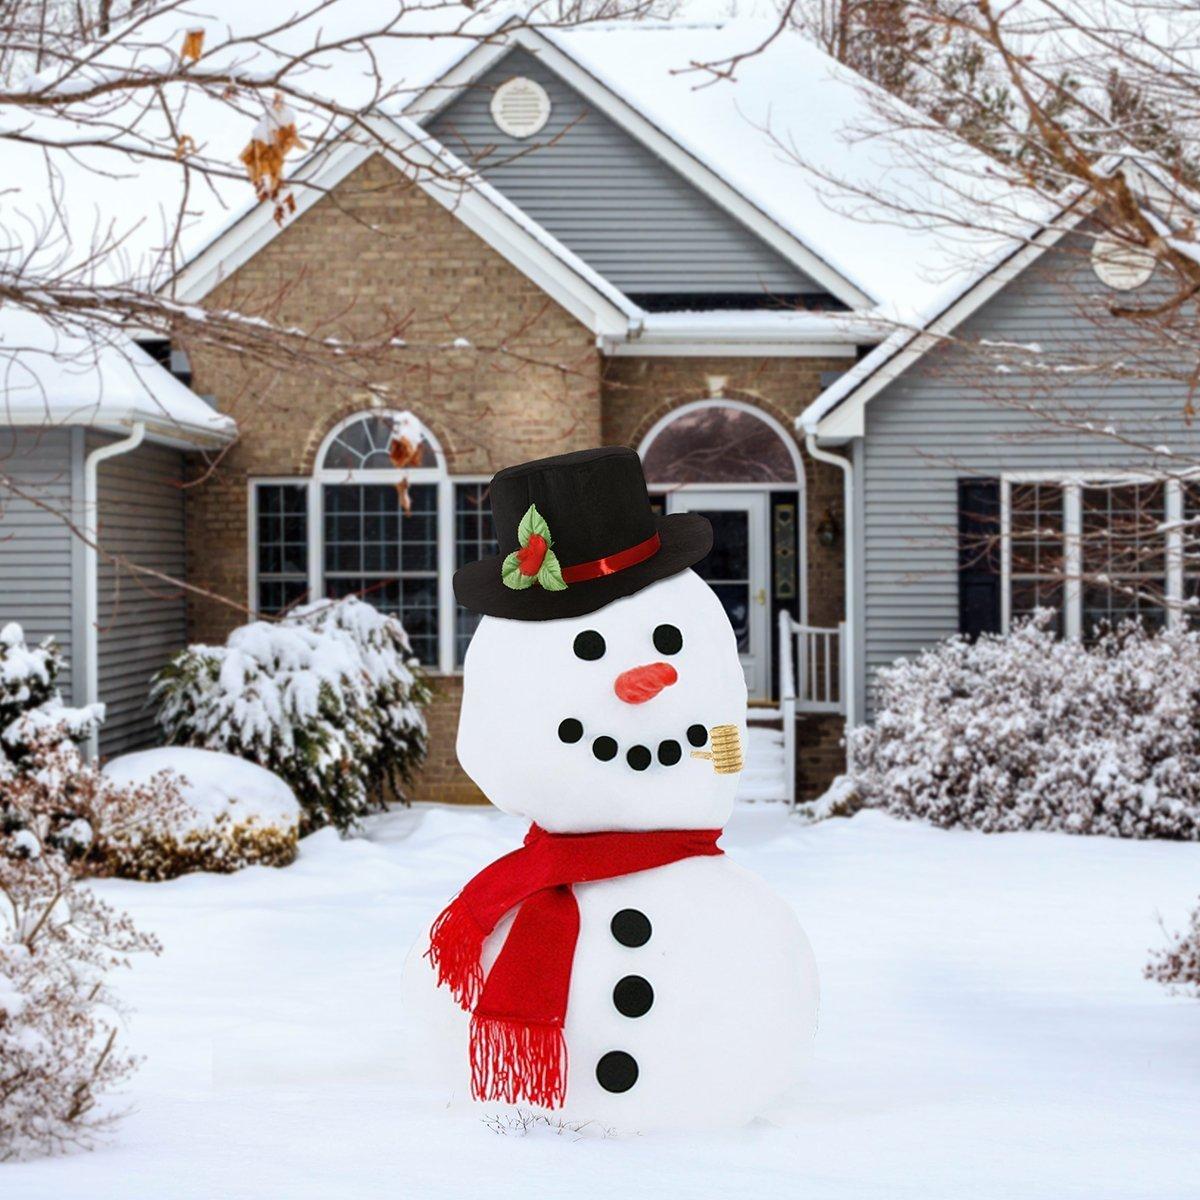 /include cappello sciarpa carrot-nose pipa e punti neri per occhi bocca Buttons Ibasetoy Snowman making kit/